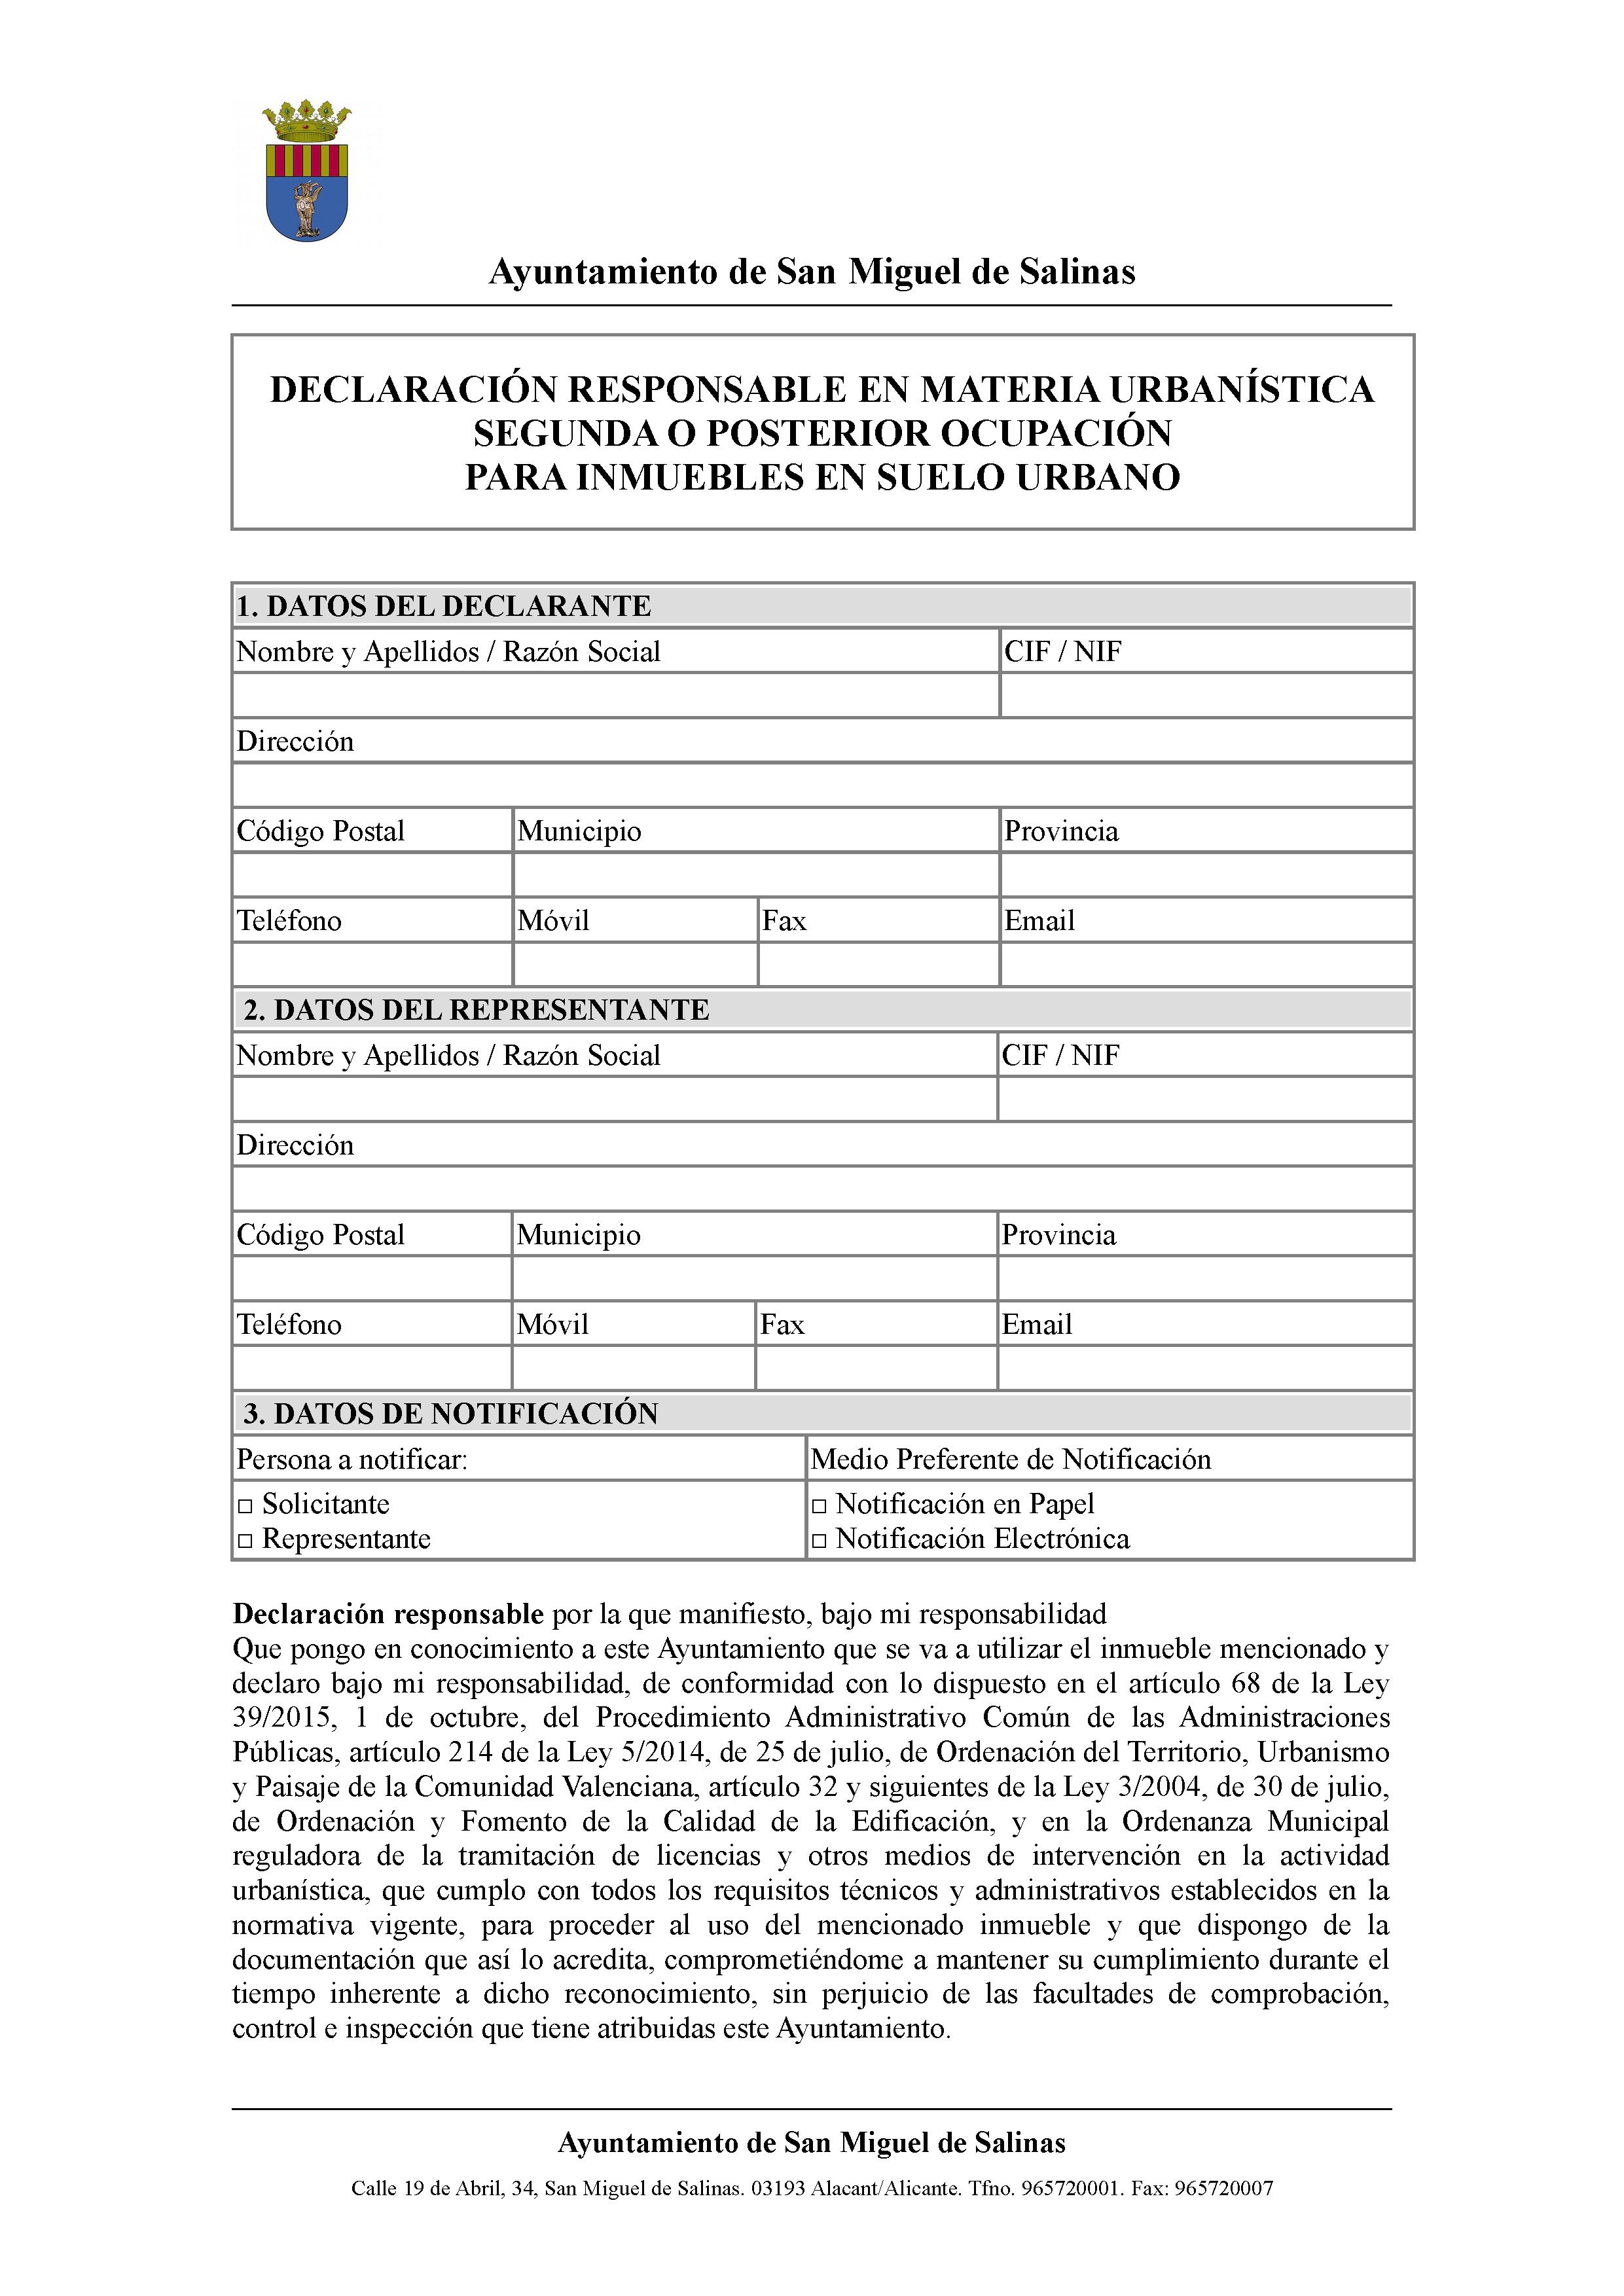 Impreso Declaración Responsable Segunda Ocupación San Miguel de Salinas